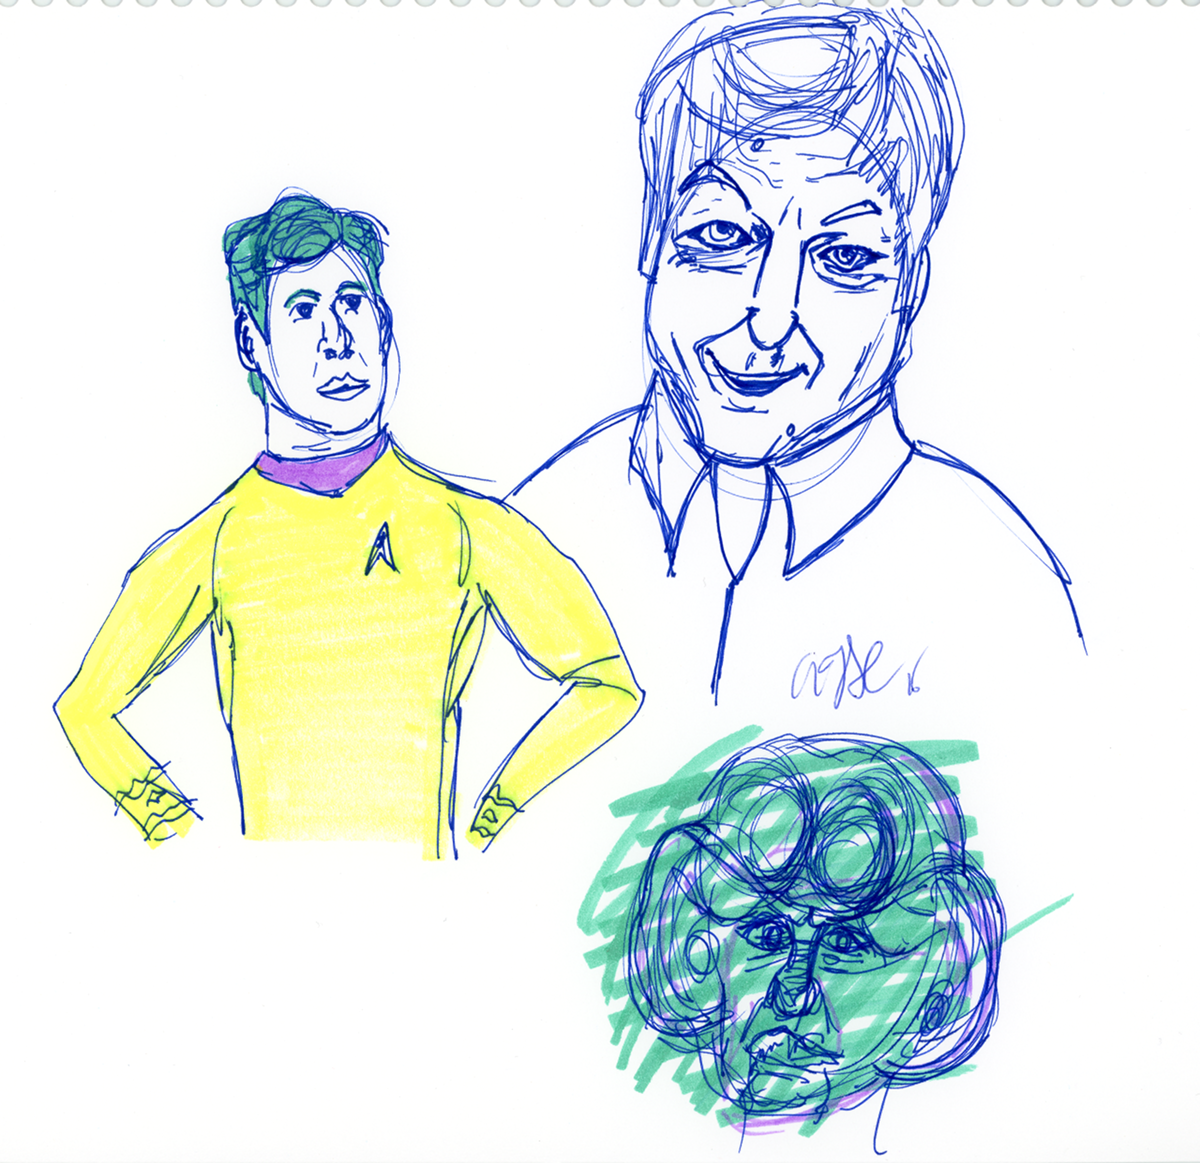 Trek Doodle by AdamTSC